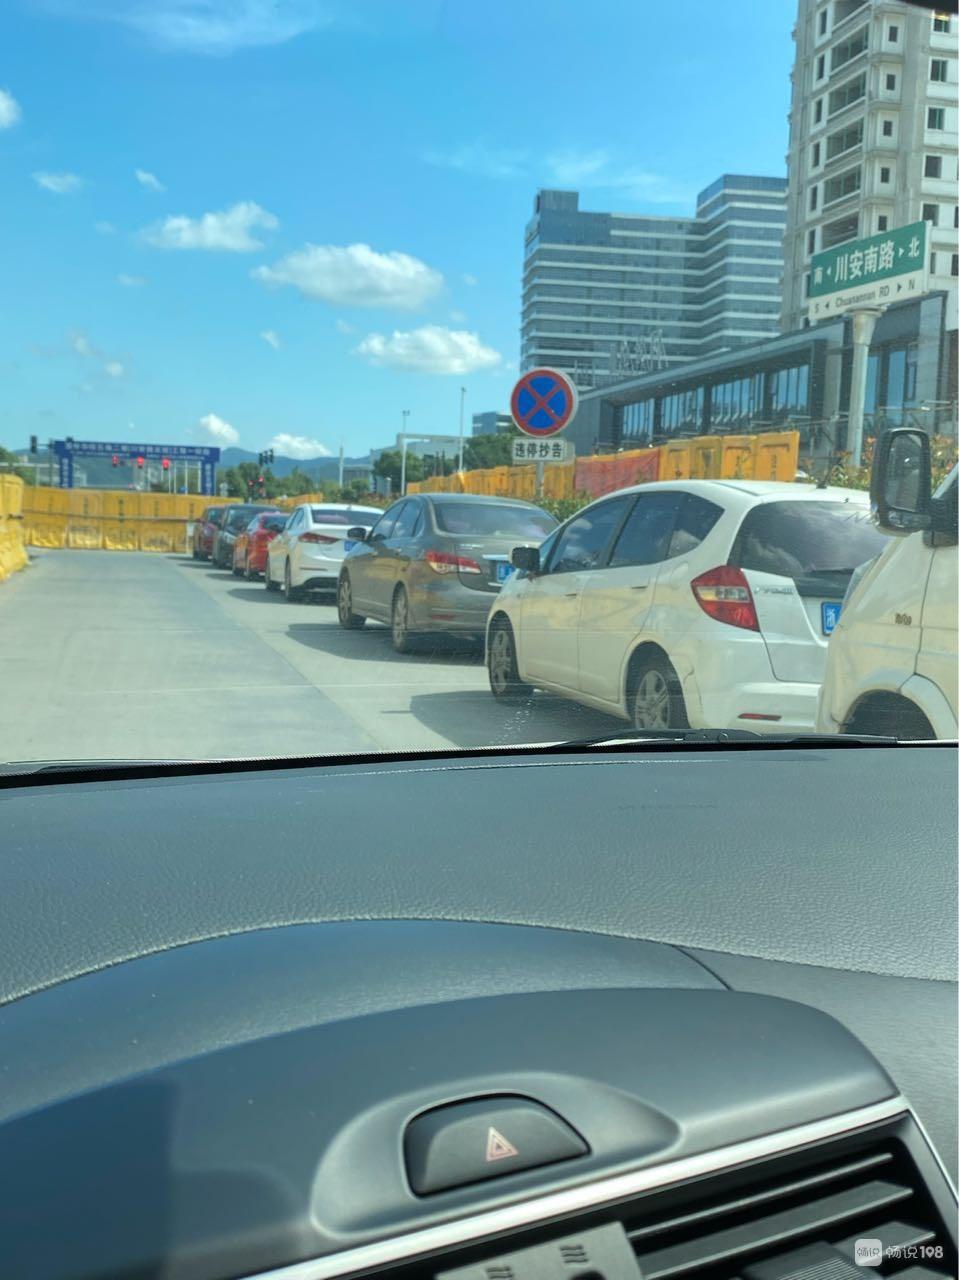 新人民医院斜对面修路已经够堵了,还有人这么乱停车…